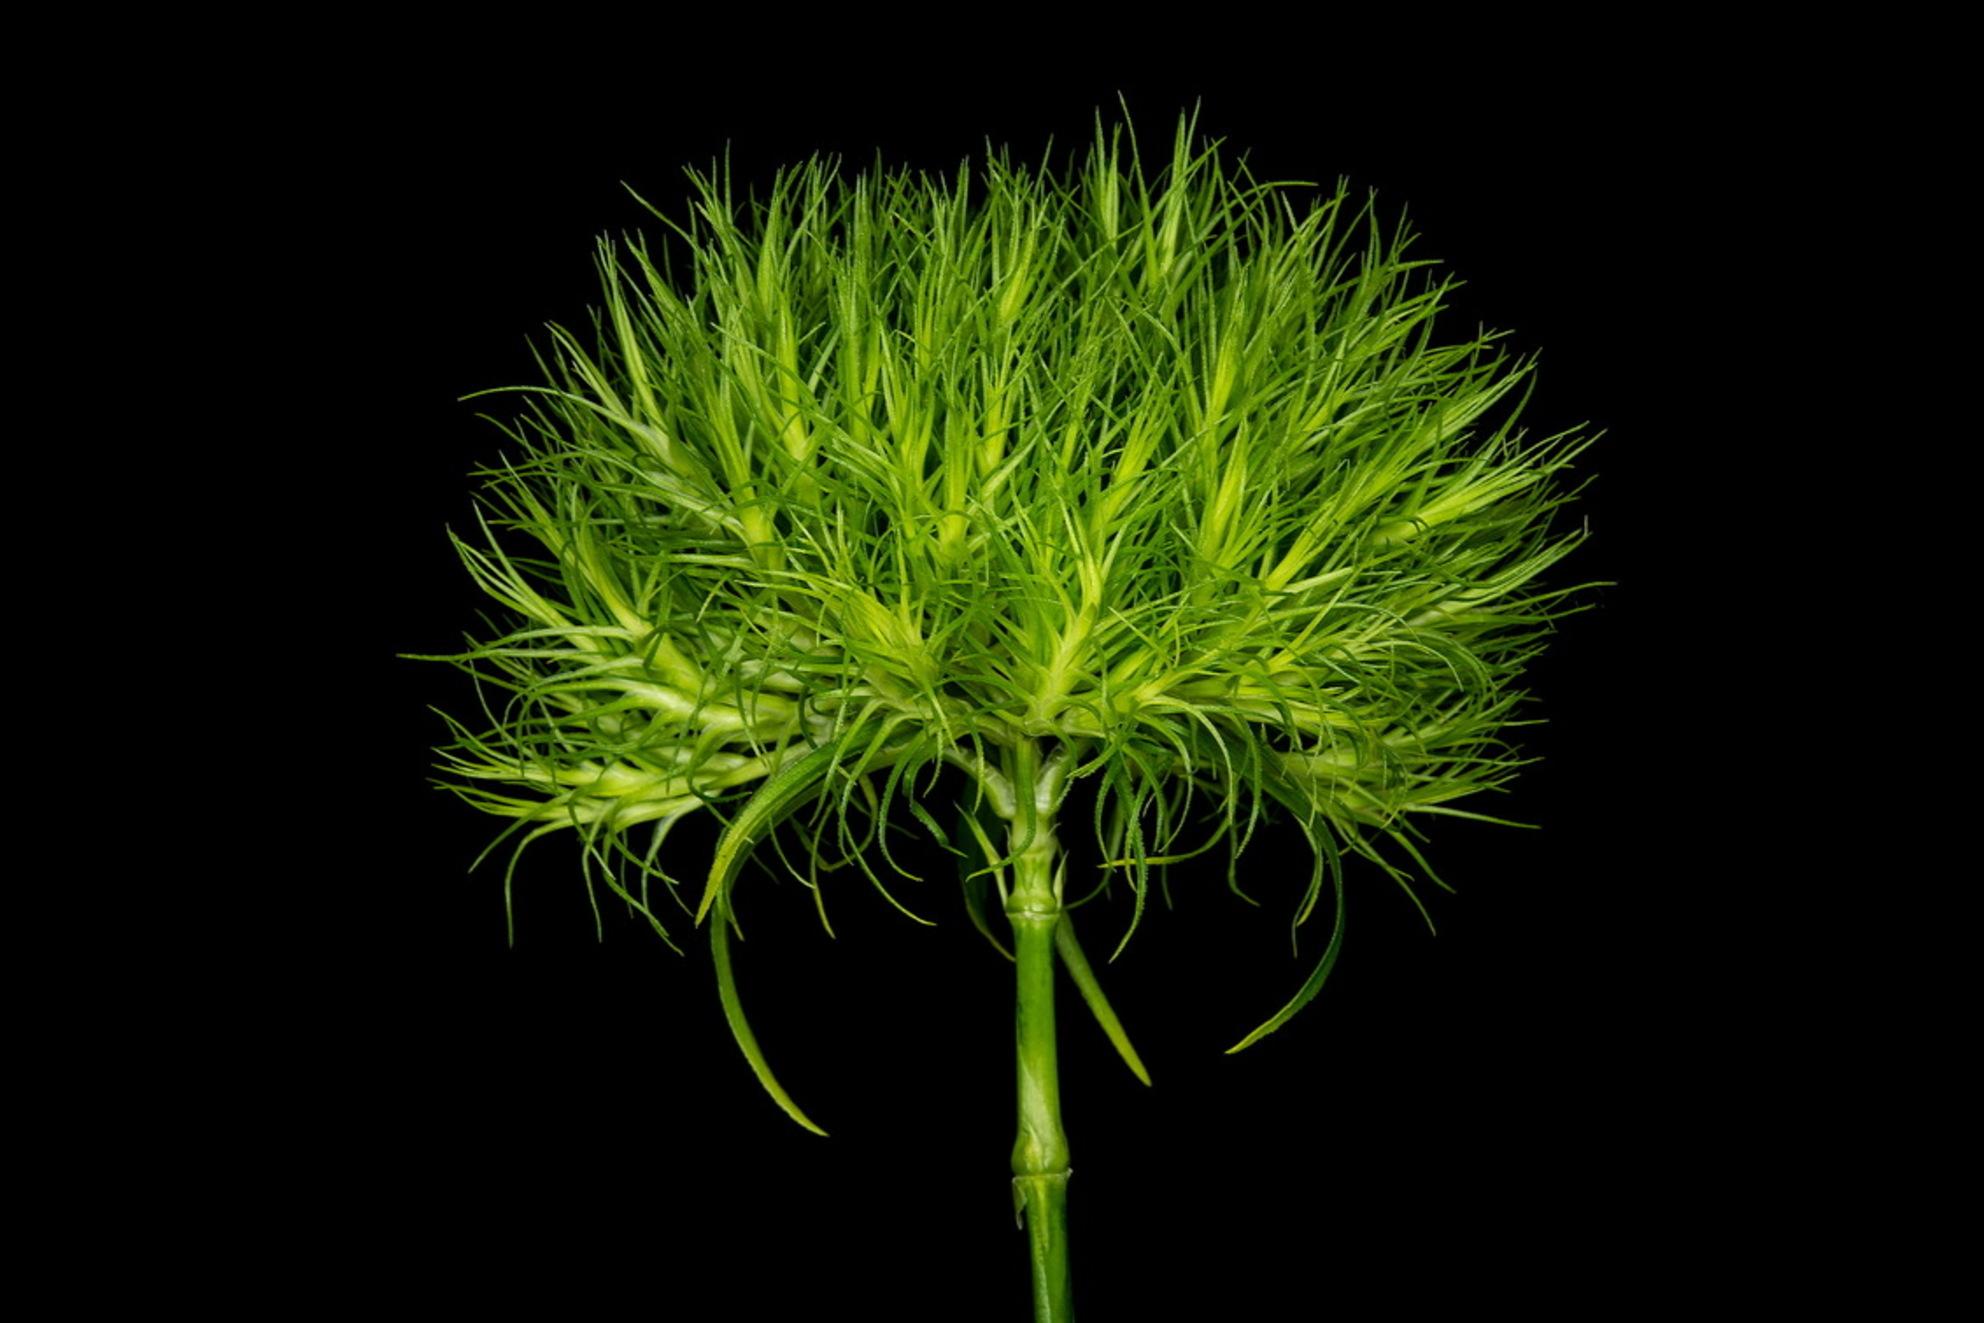 Groen - - - foto door emilewiersum op 02-07-2018 - deze foto bevat: groen, macro, bloem, natuur, tuin